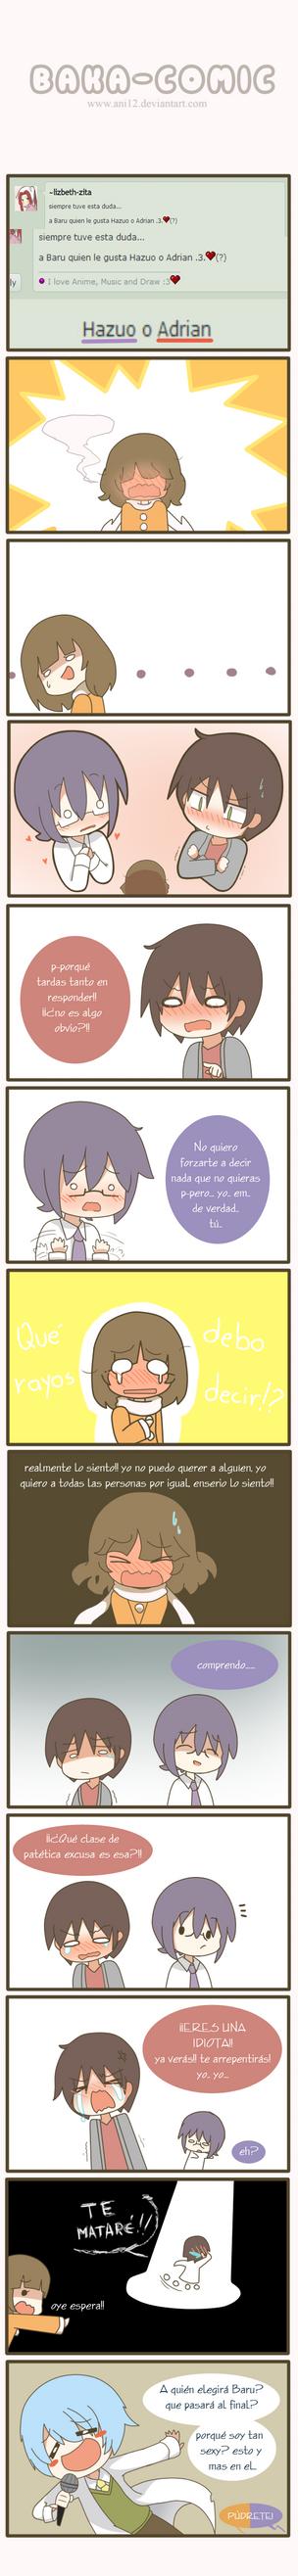 Baka-Comic 19 by ani12